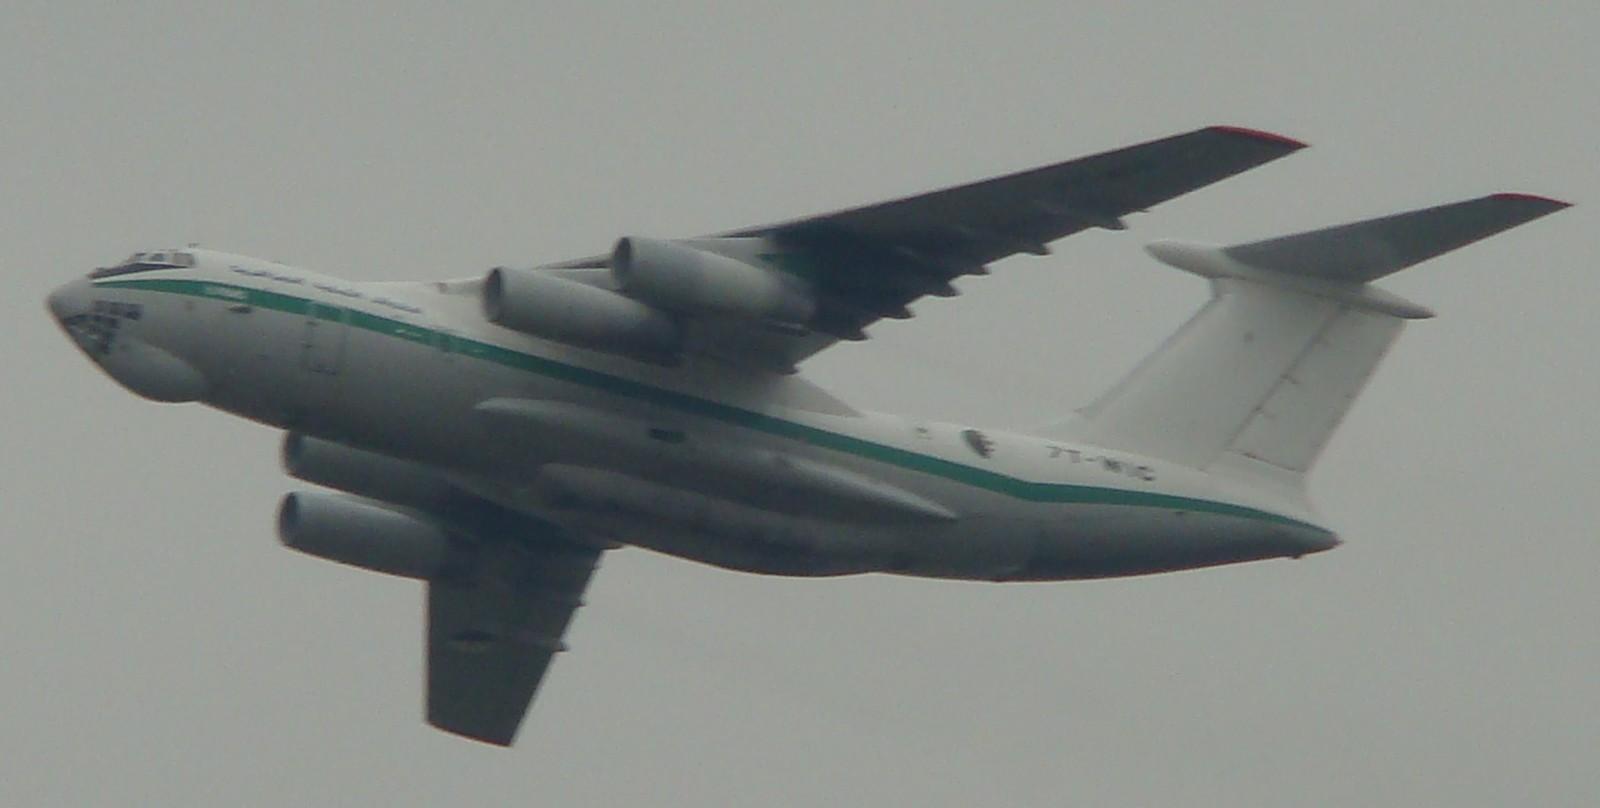 طائرة النقل والتزود بالوقود Il76/78 - صفحة 2 Dsc01512